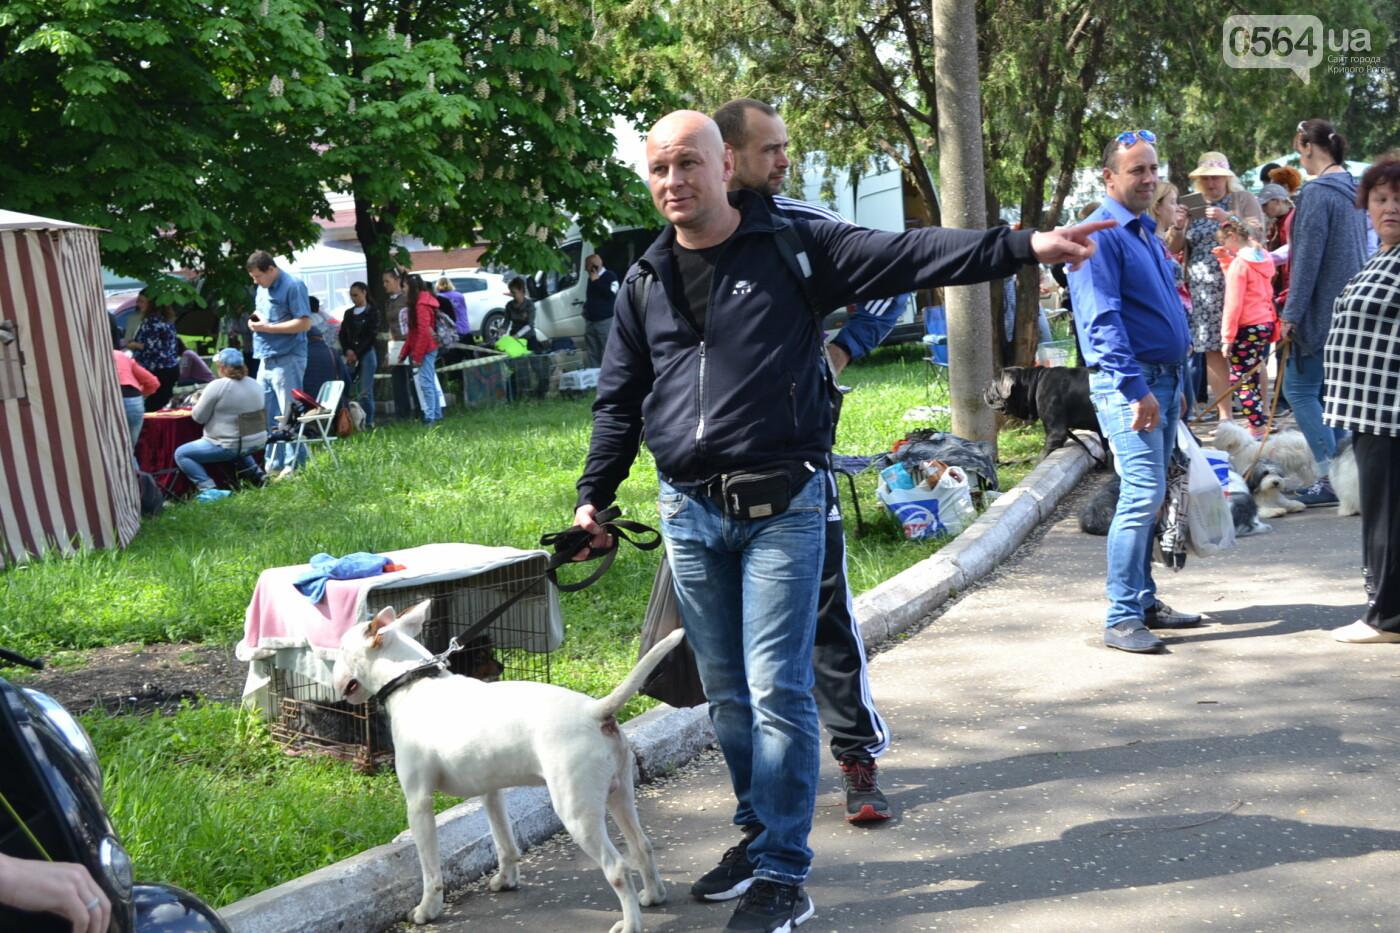 """""""Весна Кривбасса-2019"""": на выставке в Кривом Роге можно увидеть собак более 90 пород, - ФОТО, ВИДЕО, фото-17"""